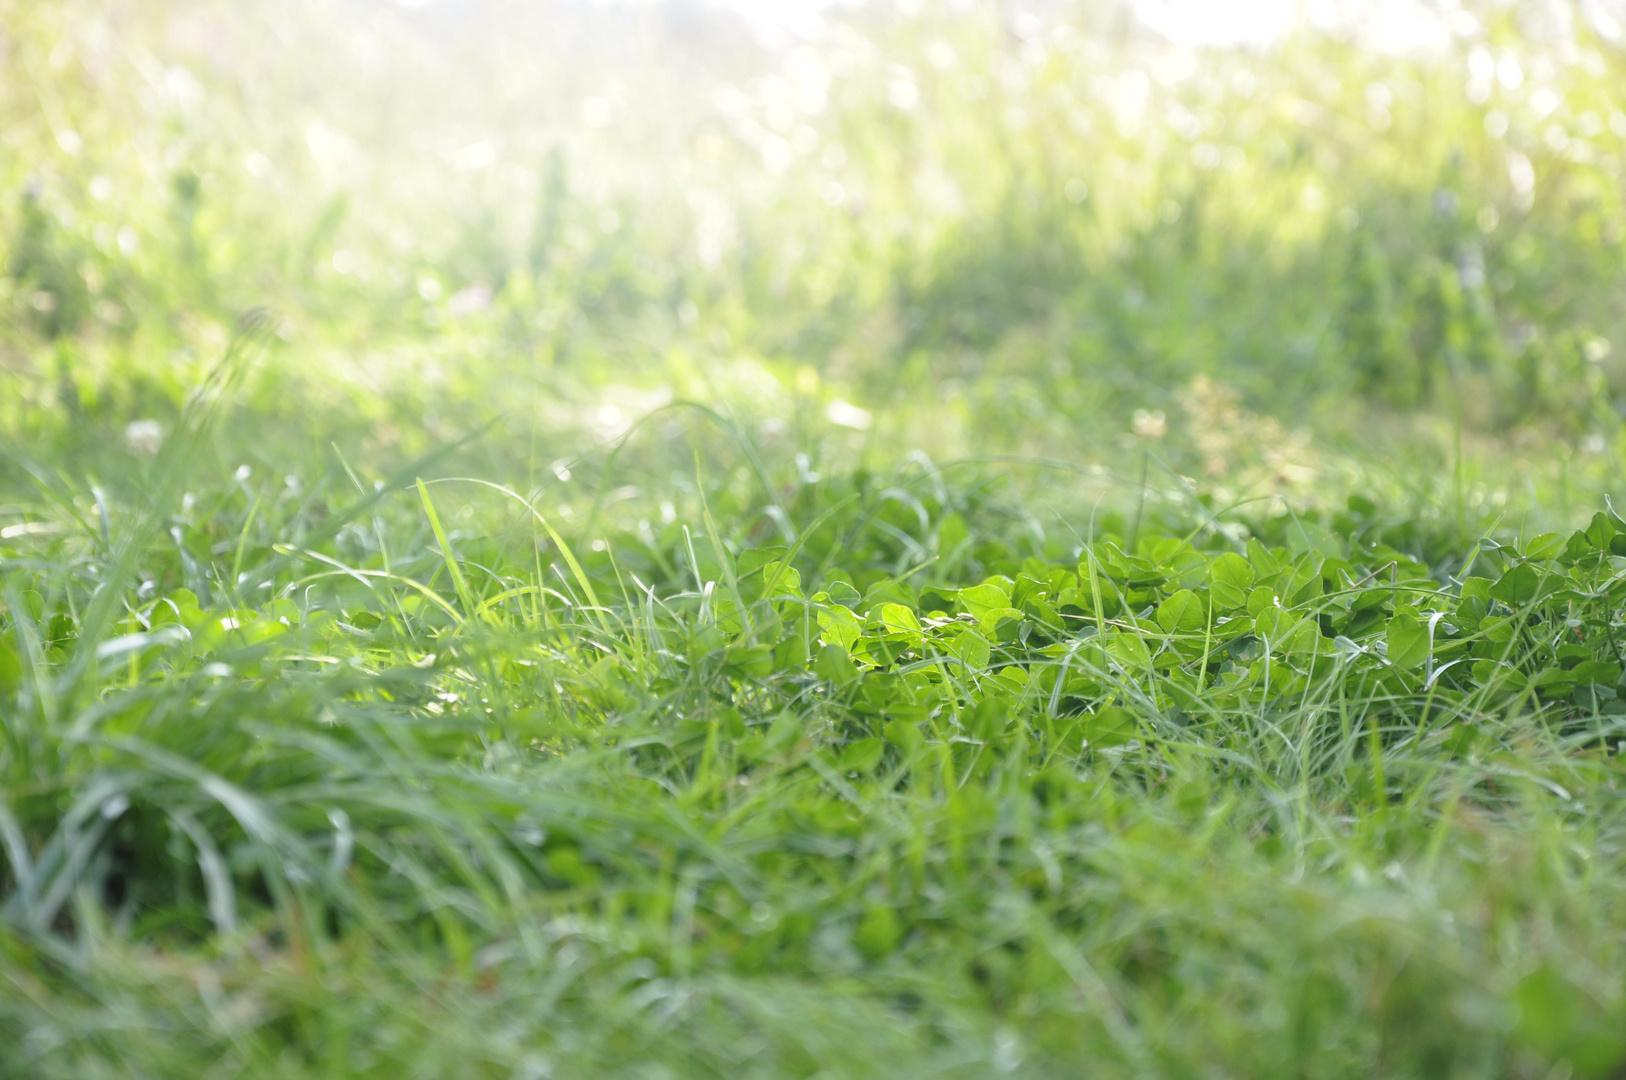 Grass grün